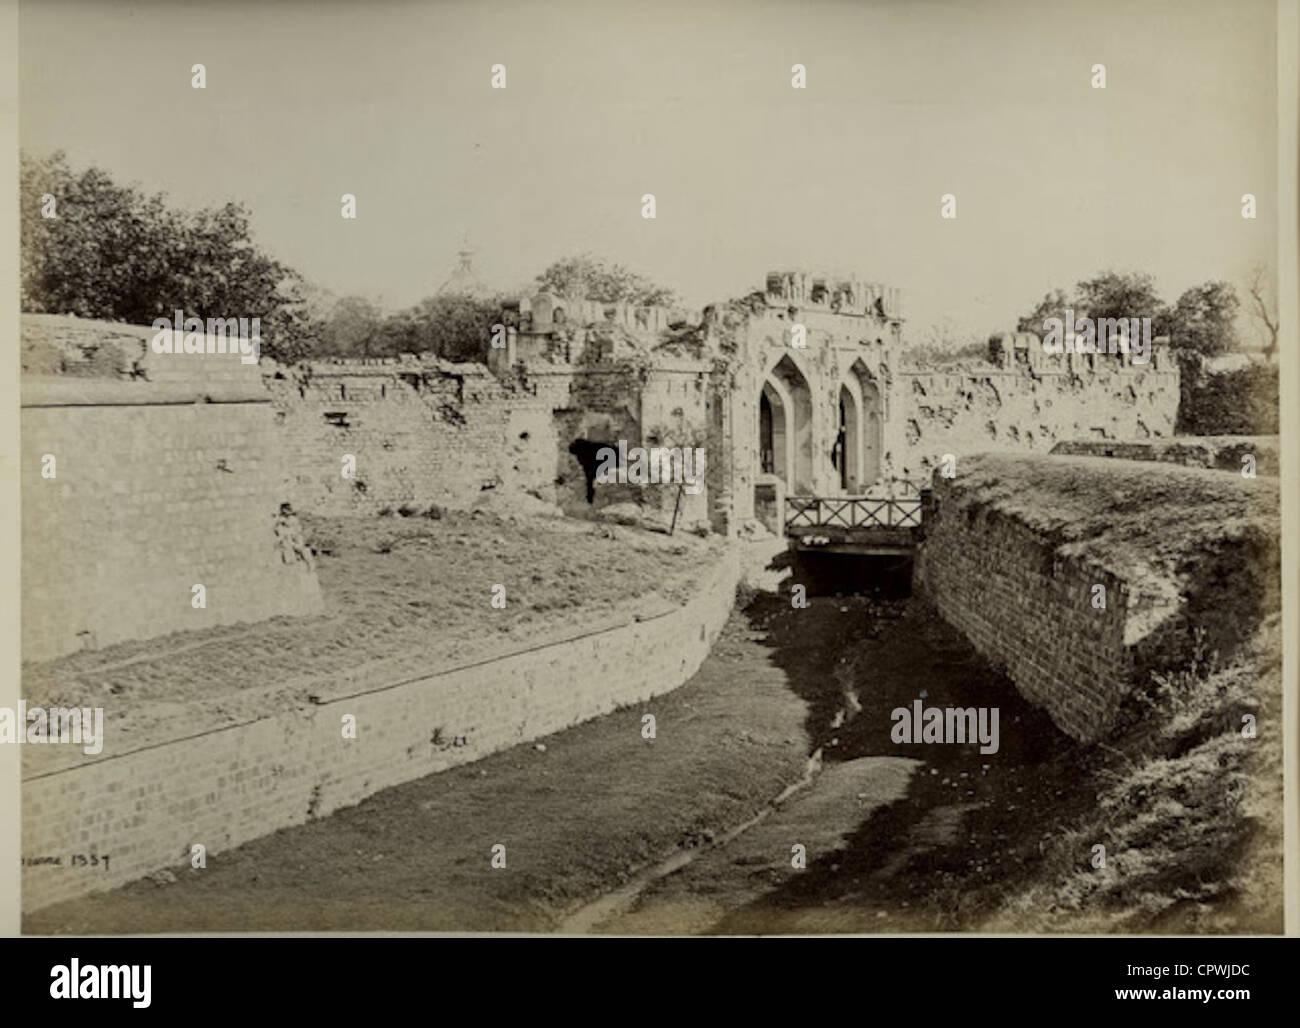 Kashmir Gate - Delhi 1860's - Stock Image